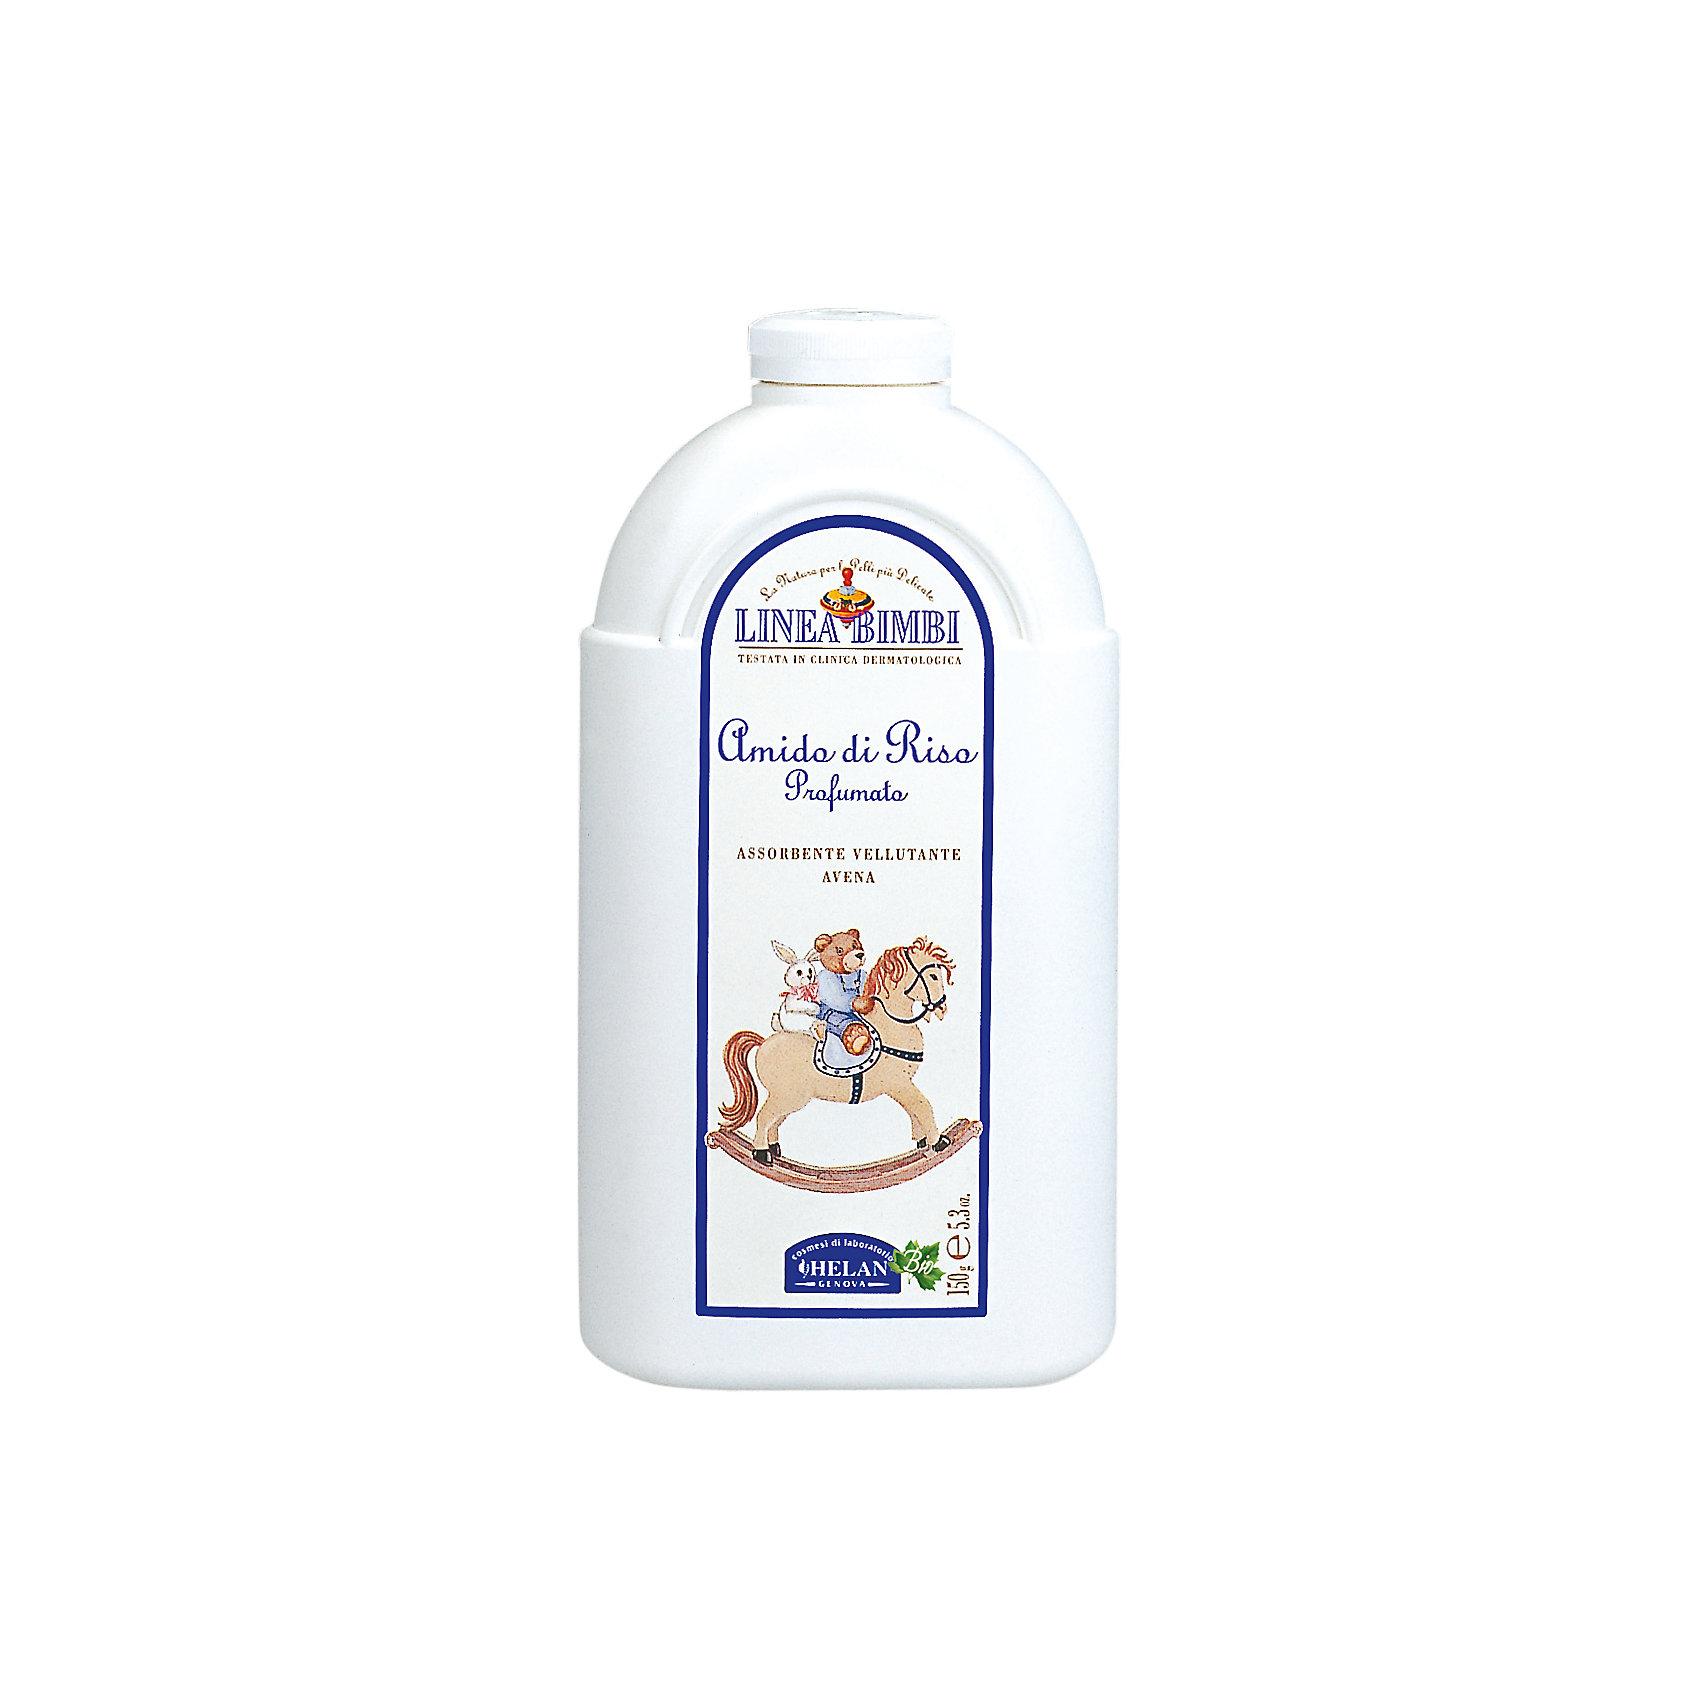 Присыпка мягкая для детей, Linea Bimbi, 75 гр., HELANКосметика для младенцев<br>Присыпка мягкая для детей, Linea Bimbi, 75 гр., HELAN (Хелан)<br><br>Характеристики:<br><br>• смягчает и освежает кожу<br>• предотвращает возникновение опрелостей<br>• не содержит парафинов, нефтепродуктов, синтетических консервантов и красителей<br>• не вызывает аллергии<br>• содержит овсяную муку, крахмал, масло оливы и алоэ-вера<br>• серия: Купание без слез<br>• объем: 75 грамм<br>• размер упаковки: 11,5х5х8 см<br>• вес: 118 грамм<br><br>Рисовая присыпка Linea Bimbi бережно ухаживает за кожей малыша с самого рождения. Крахмал смягчает и освежает нежную кожу. В состав присыпки входит овсяная мука - она разглаживает кожу, смягчает ее и препятствует появлению опрелостей. Масло оливы, ореха и экстракт алоэ-вера смягчают кожу, делая ее мягкой и бархатистой. Отдушка, созданная с учетом чувствительности крохи, не содержит алкоголь. В основе отдушки - экстракты трав и фруктов, настоянные на воде. Они придают приятный цитрусовый аромат и освежают кожу. <br><br>Для малыша очень важное сохранить защитный слой кожи. С этим хорошо справятся масла ореха и оливы. Они создают дополнительный барьер, обеспечивая оптимальный уровень влаги. Все растения выращены без применения удобрений и химических пестицидов.<br><br>Присыпку мягкая для детей, Linea Bimbi, 75 гр., HELAN (Хелан) вы можете купить в нашем интернет-магазине.<br><br>Ширина мм: 80<br>Глубина мм: 50<br>Высота мм: 115<br>Вес г: 118<br>Возраст от месяцев: -2147483648<br>Возраст до месяцев: 2147483647<br>Пол: Унисекс<br>Возраст: Детский<br>SKU: 5401692